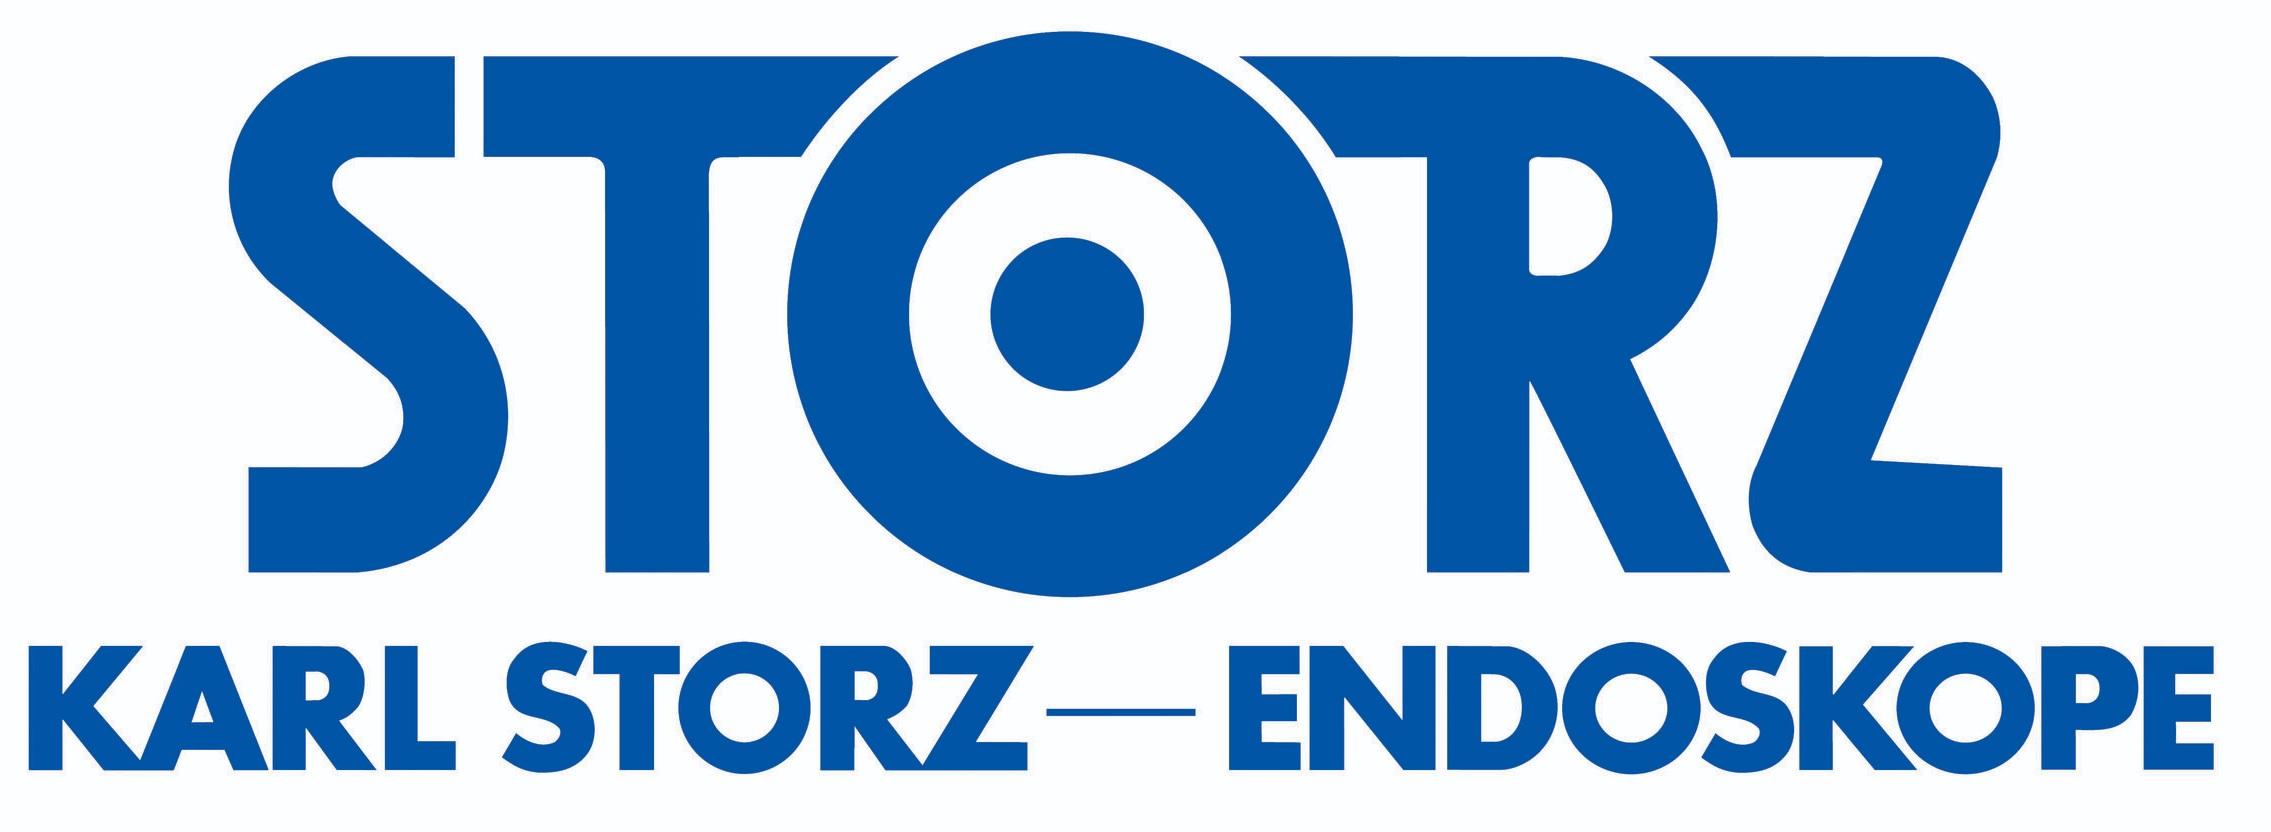 KARLSTORZ+logo.jpg